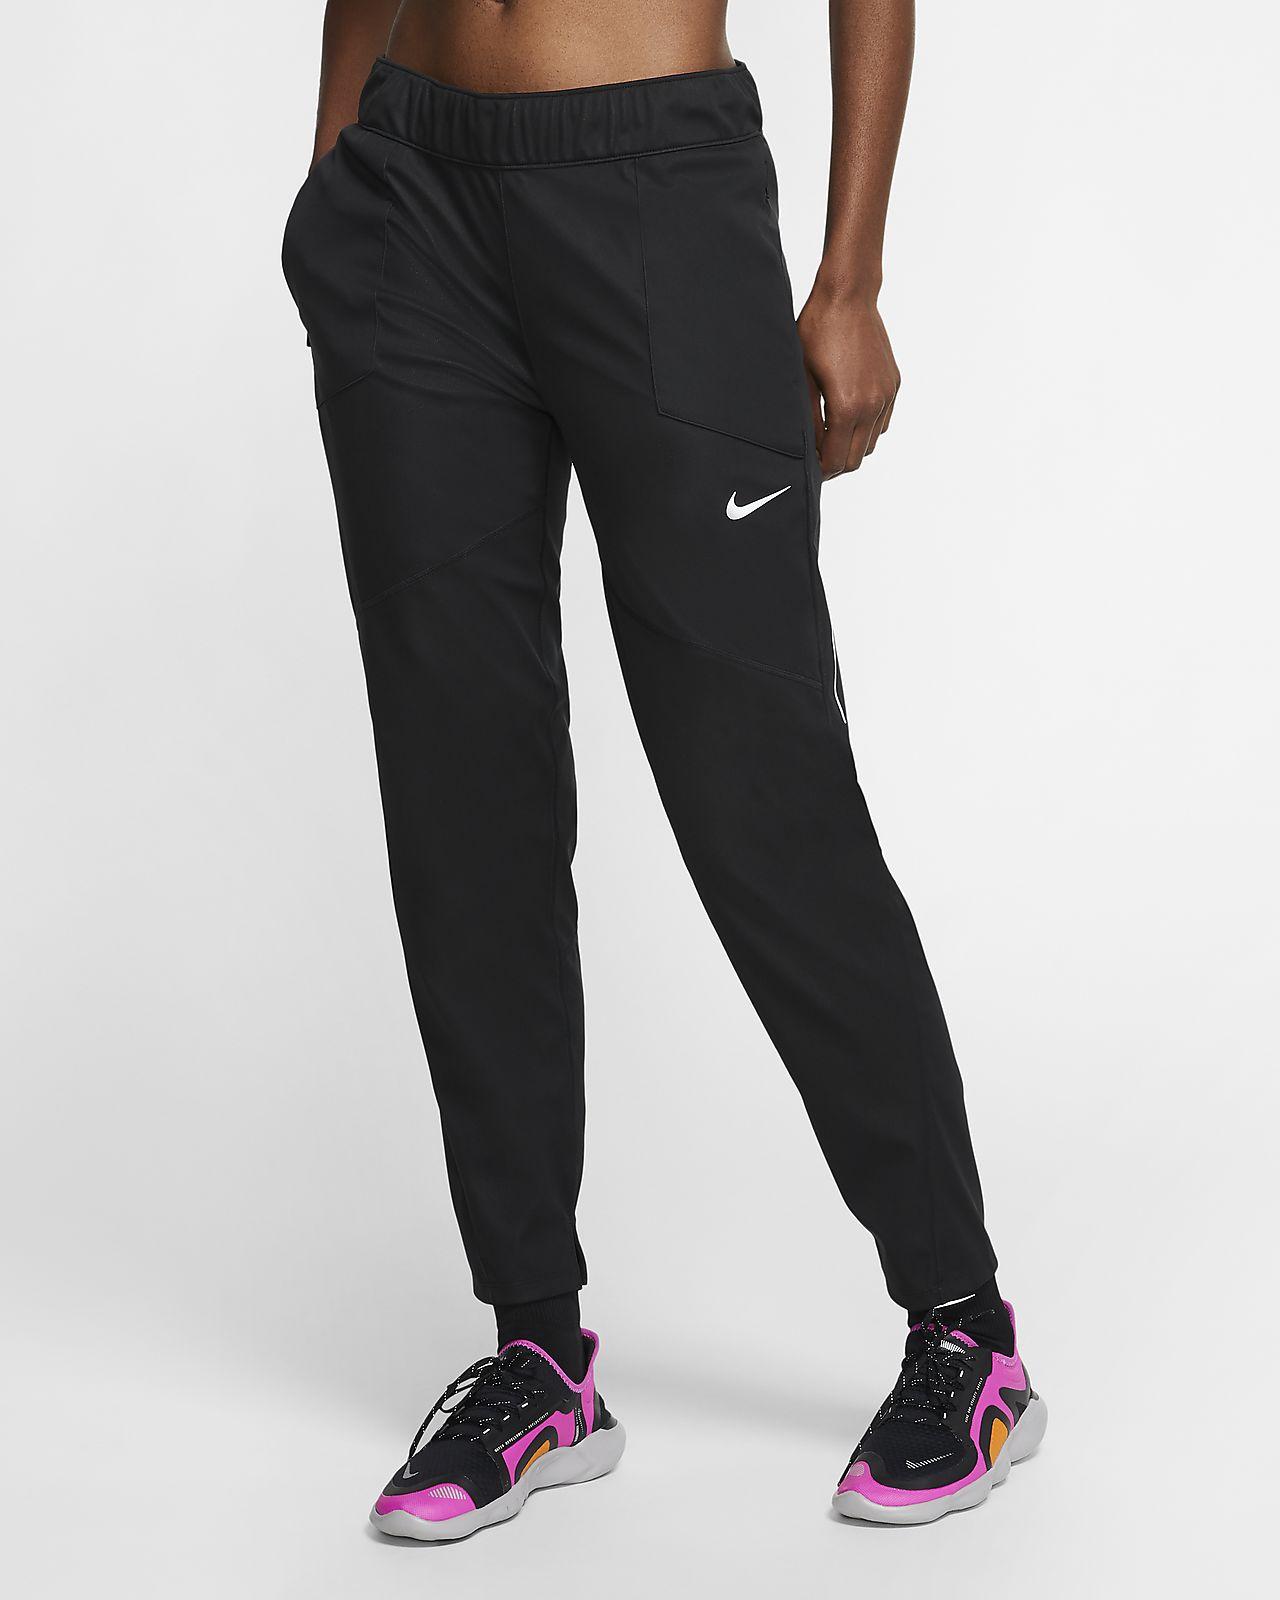 Nike Shield Women's Running Trousers